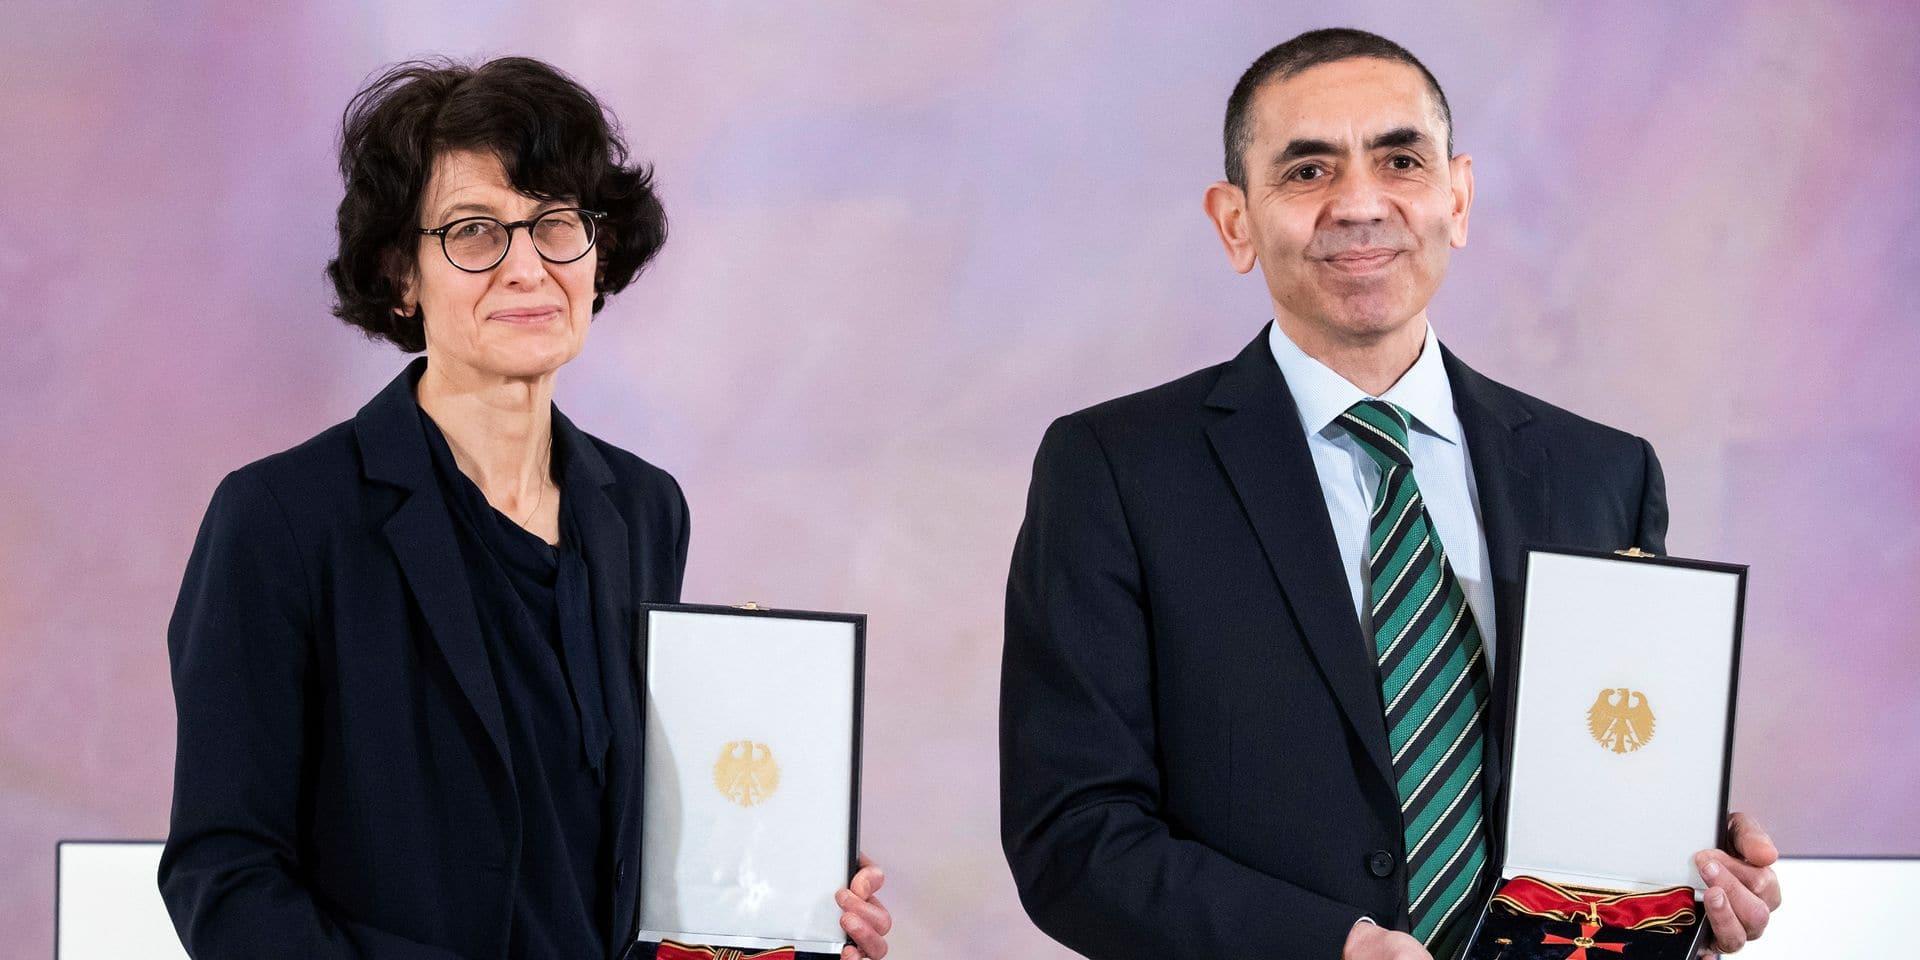 """Les fondateurs de BioNTech reçoivent une prestigieuse récompense allemande pour leur """"découverte révolutionnaire"""" contre le Covid-19"""